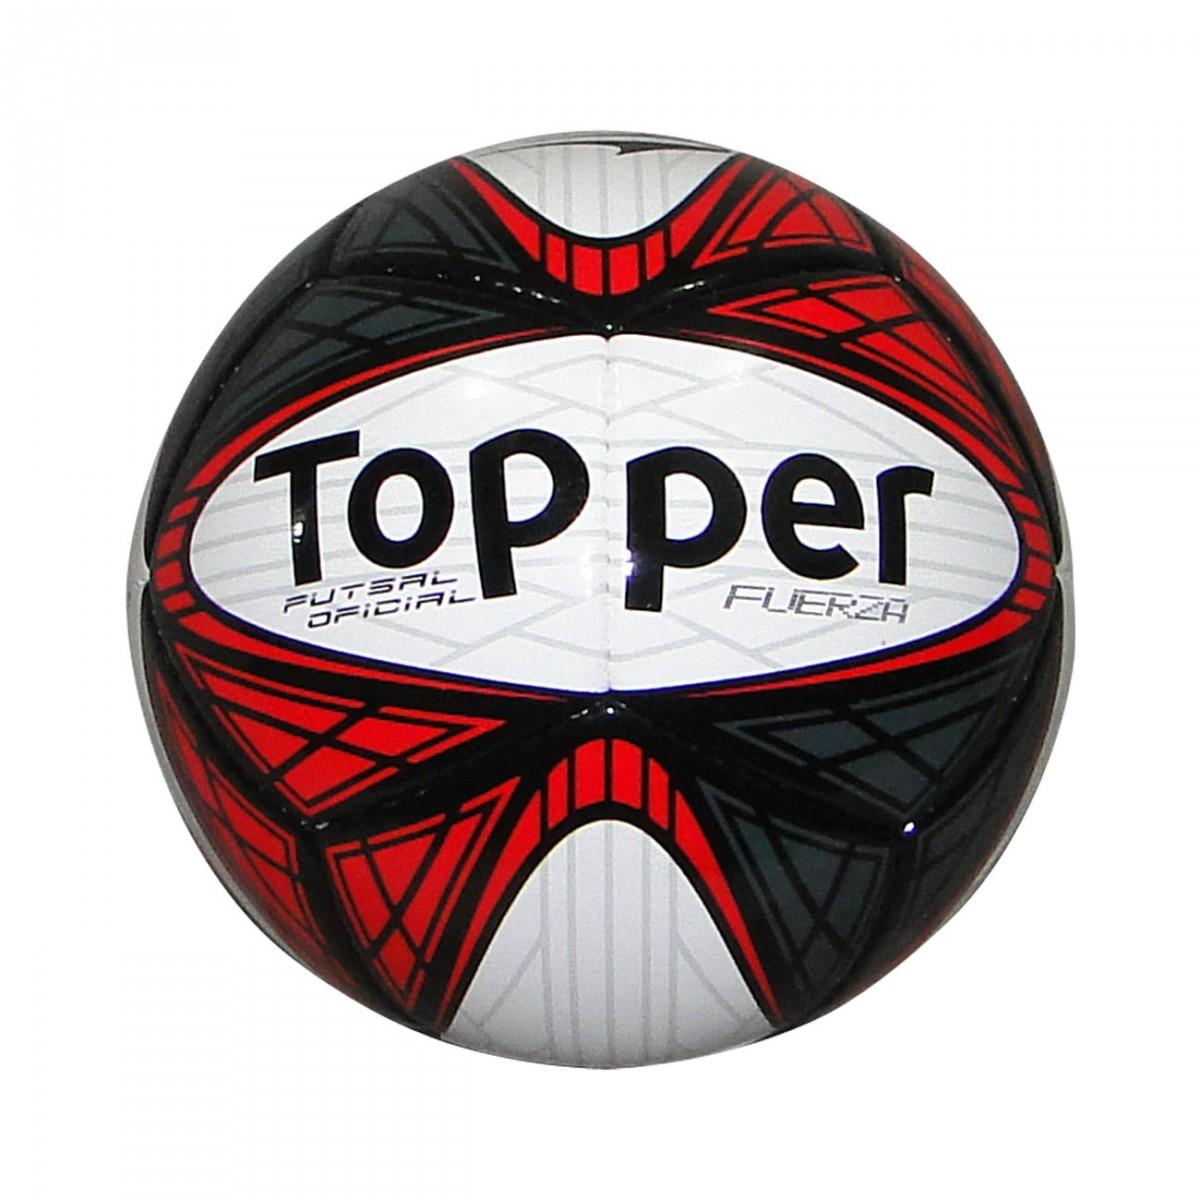 Bola Topper Fuerza Futsal 5f426afd827e7